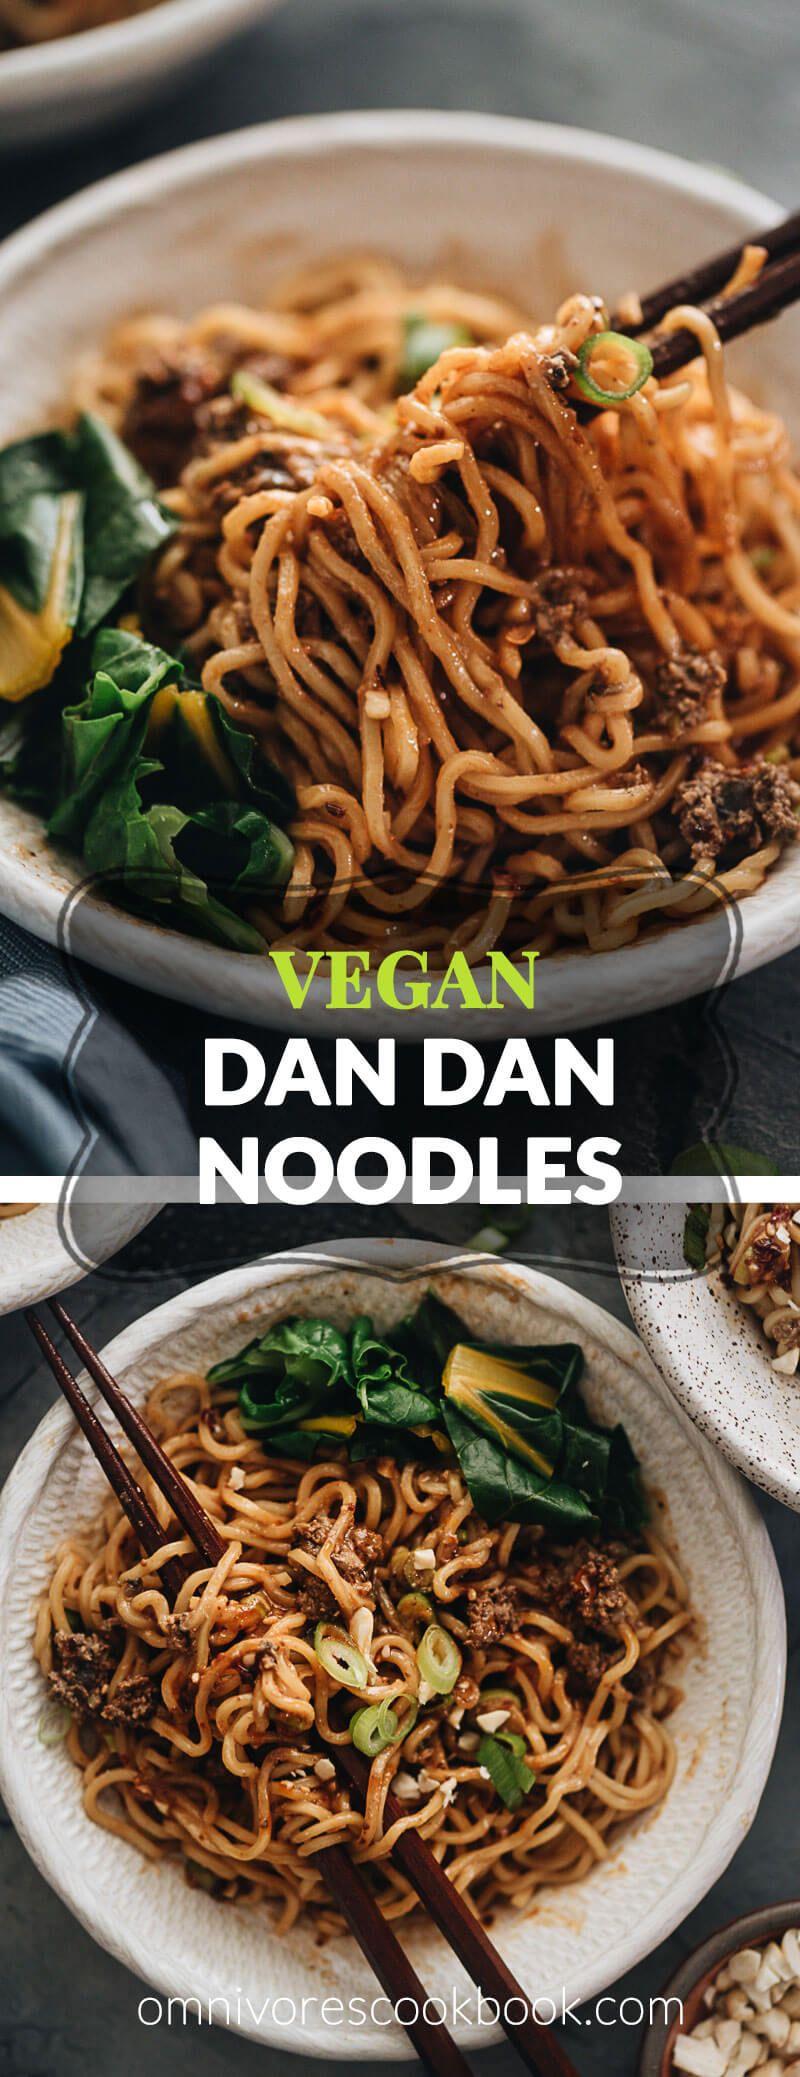 Vegan Dan Dan Noodles | Omnivore's Cookbook